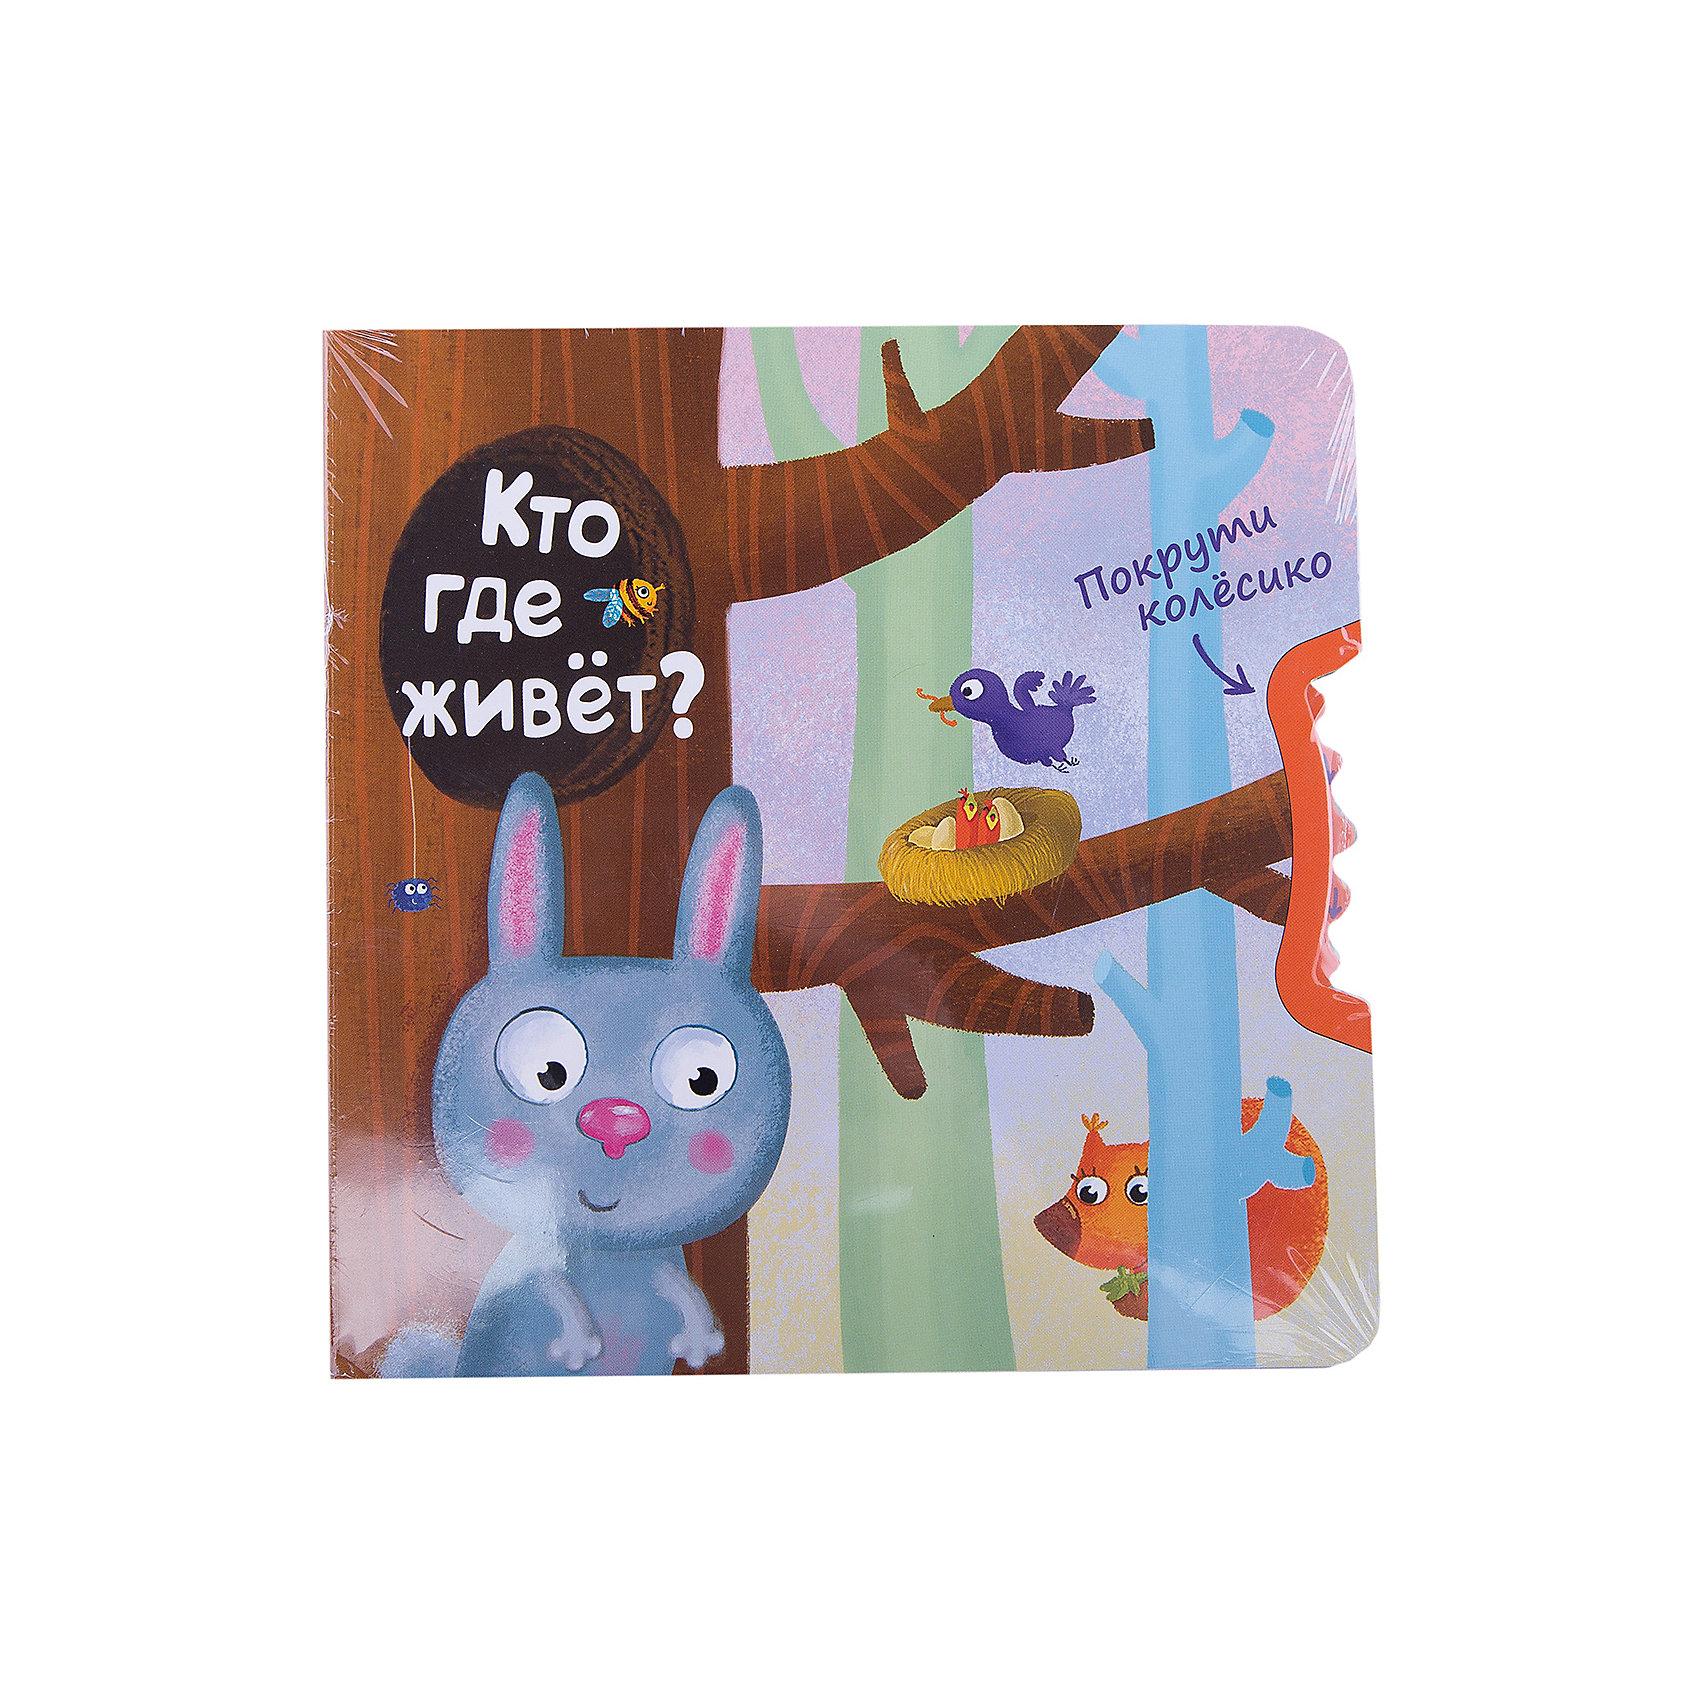 Покрути колёсико: Кто где живет?Первые книги малыша<br>Характеристики товара:<br><br>• возраст: от 2 лет<br>• авторы: Вилюнова В. А., Магай Н.<br>• художник: Е. Миронюк<br>• издательство: Мозаика-Синтез, 2016 г.<br>• серия: Покрути колесико<br>• переплет: твердый<br>• иллюстрации: цветные<br>• количество страниц: 8 (картон)<br>• размер: 18х18х0,9 см.<br>• вес: 152 гр.<br>• ISBN: 9785431508462<br><br>Яркая книжка-игрушка «Кто где живет?» серии «Покрути колесико» познакомит маленького читателя с очаровательными животными, расскажет, где они живут.<br><br>Прочитайте малышу веселые и добрые стихи, а затем покрутите колесико так, чтобы каждое животное оказалось в своем «домике»: лиса – в норке, белка – на дереве и так далее.<br><br>Красочную книжку из легкого, но плотного картона удобно держать и листать маленькими ручками, она подарит много радости малышу и обязательно станет любимой.<br><br>Книгу «Покрути колёсико: Кто где живет?» можно купить в нашем интернет-магазине.<br><br>Ширина мм: 9<br>Глубина мм: 180<br>Высота мм: 180<br>Вес г: 152<br>Возраст от месяцев: 24<br>Возраст до месяцев: 48<br>Пол: Унисекс<br>Возраст: Детский<br>SKU: 6896498